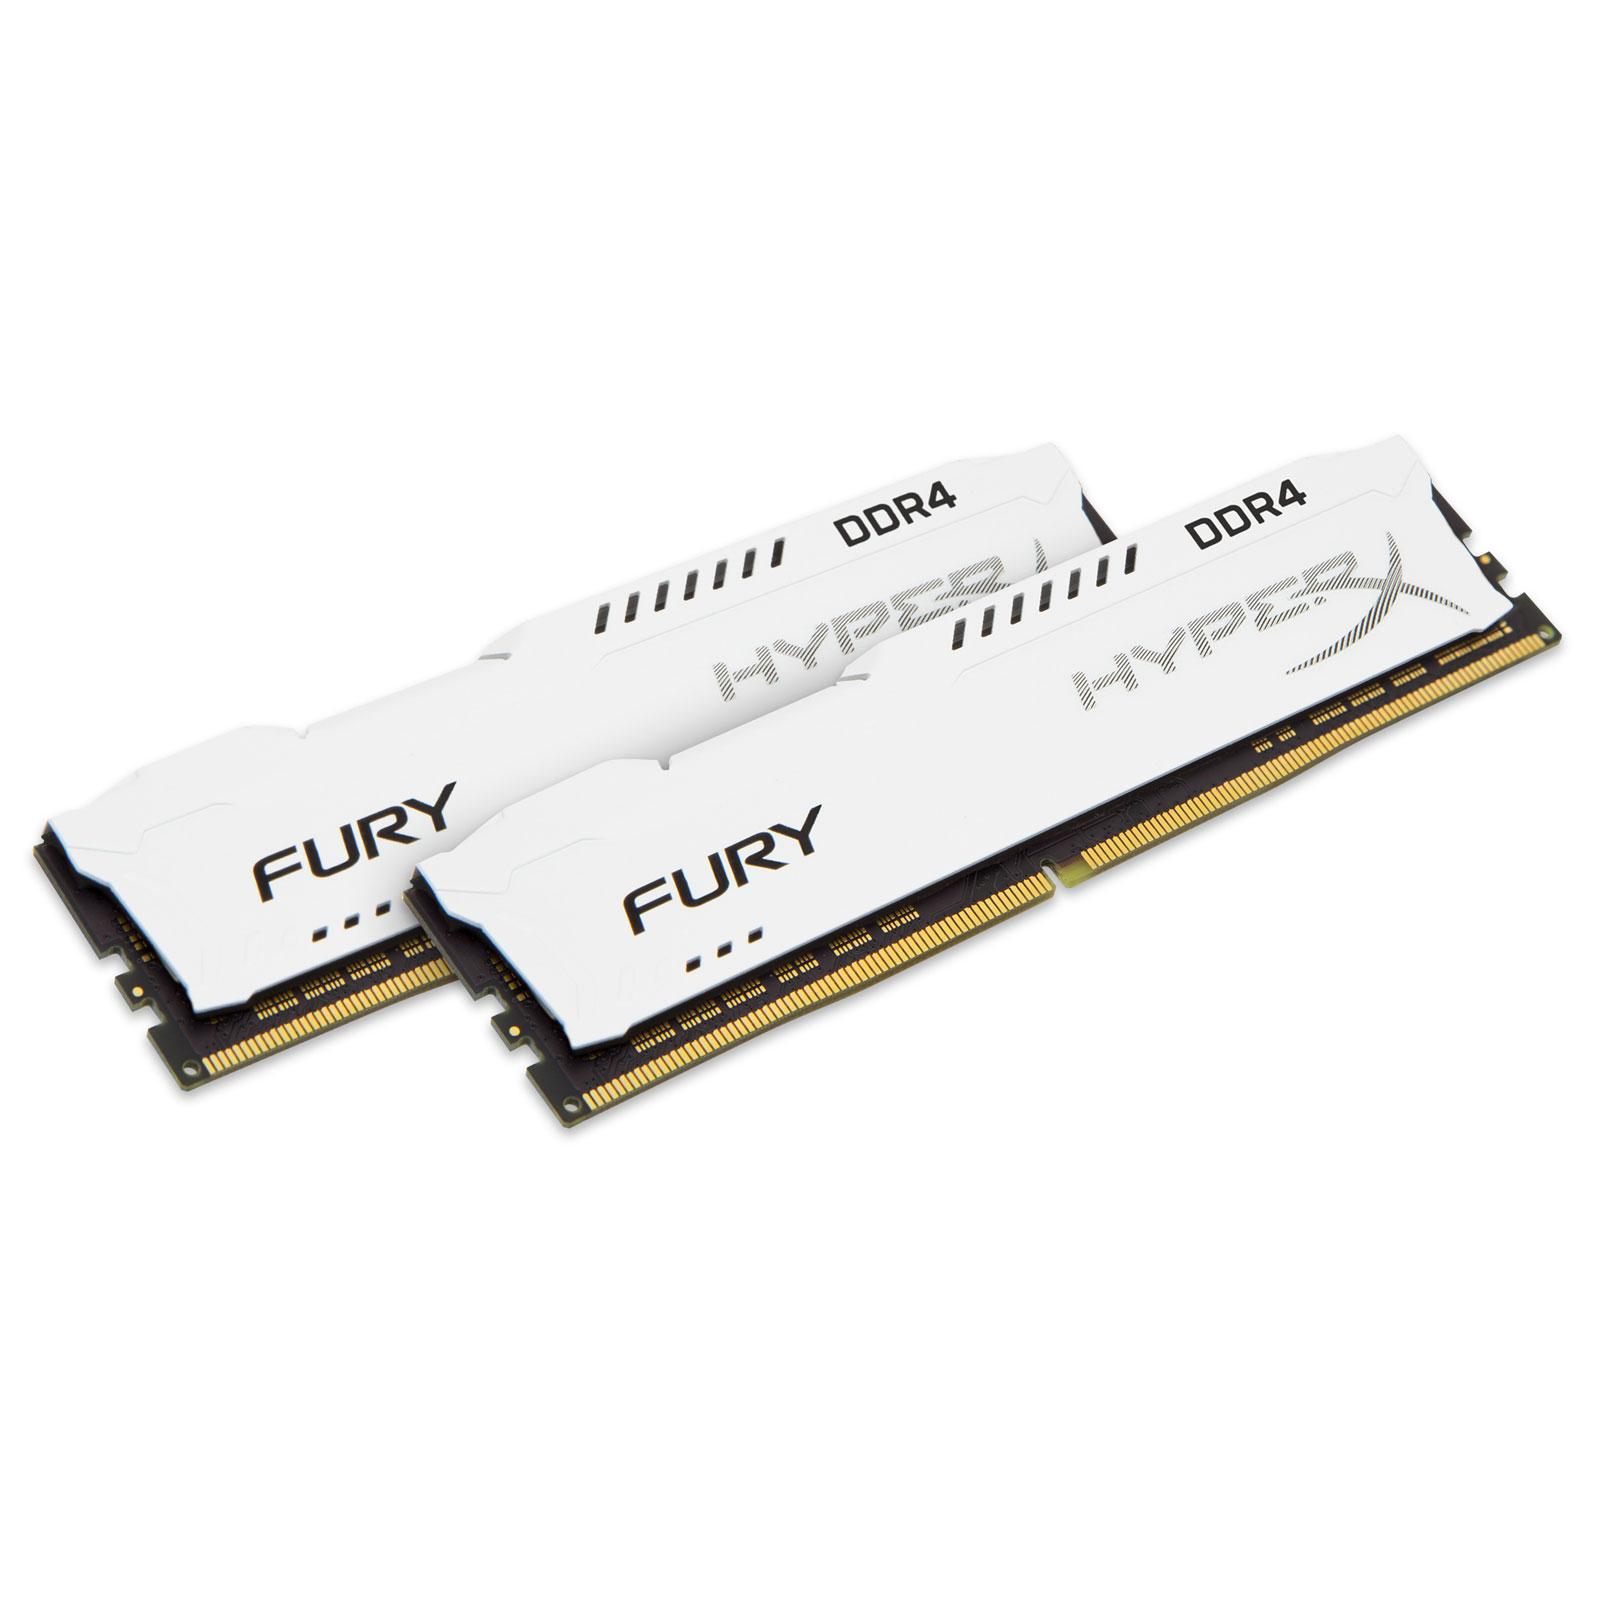 Mémoire PC HyperX Fury Blanc 16 Go (2x 8Go) DDR4 2400 MHz CL15 Kit Dual Channel 2 barrettes de RAM DDR4 PC4-19200 - HX424C15FW2K2/16 (garantie 10 ans par Kingston)